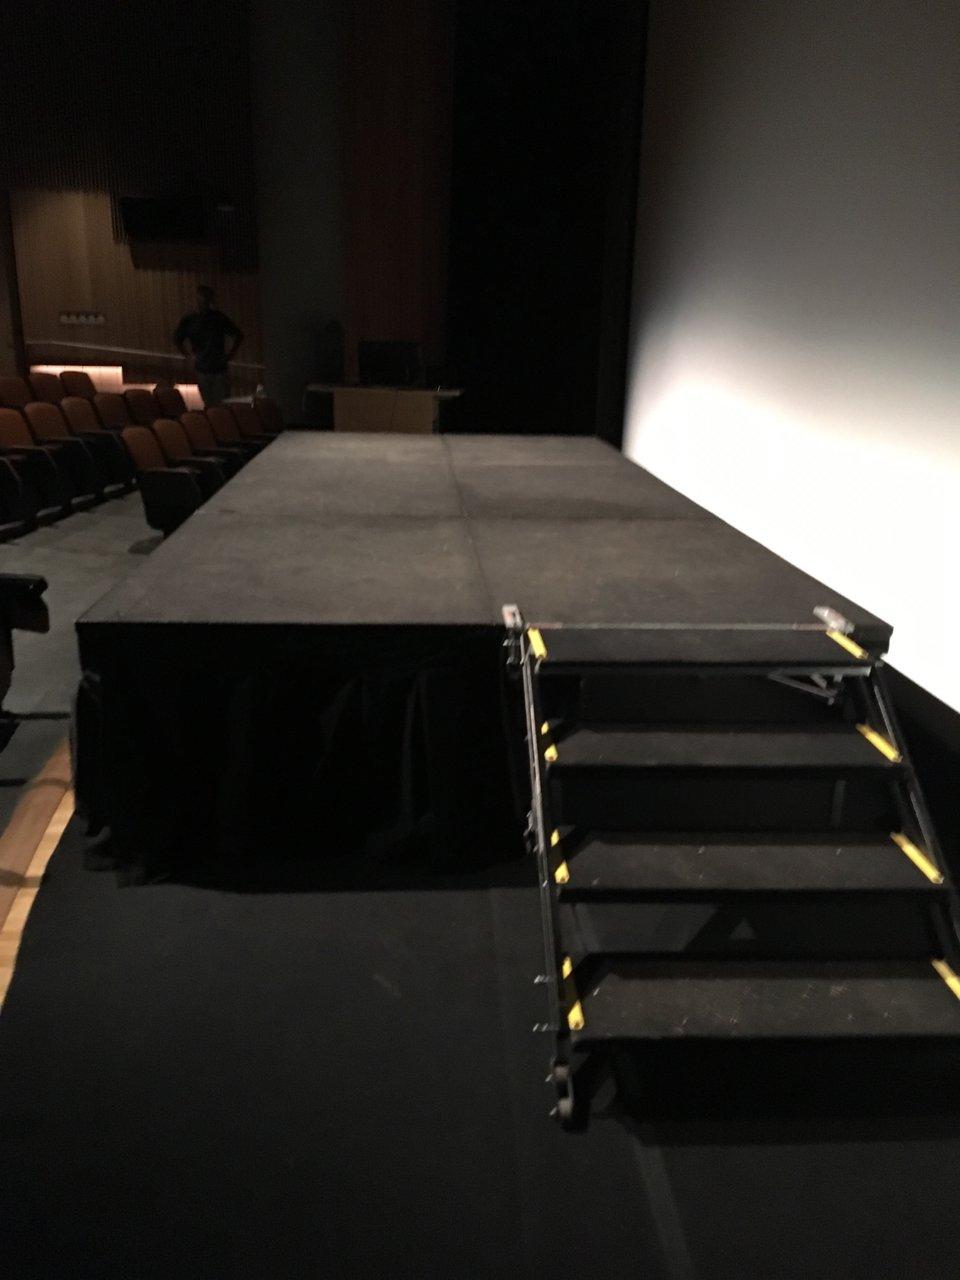 ASU Theatre Summer Play photo 49670905-9213-4FB0-8A57-7F4F02EC9DD1.jpg